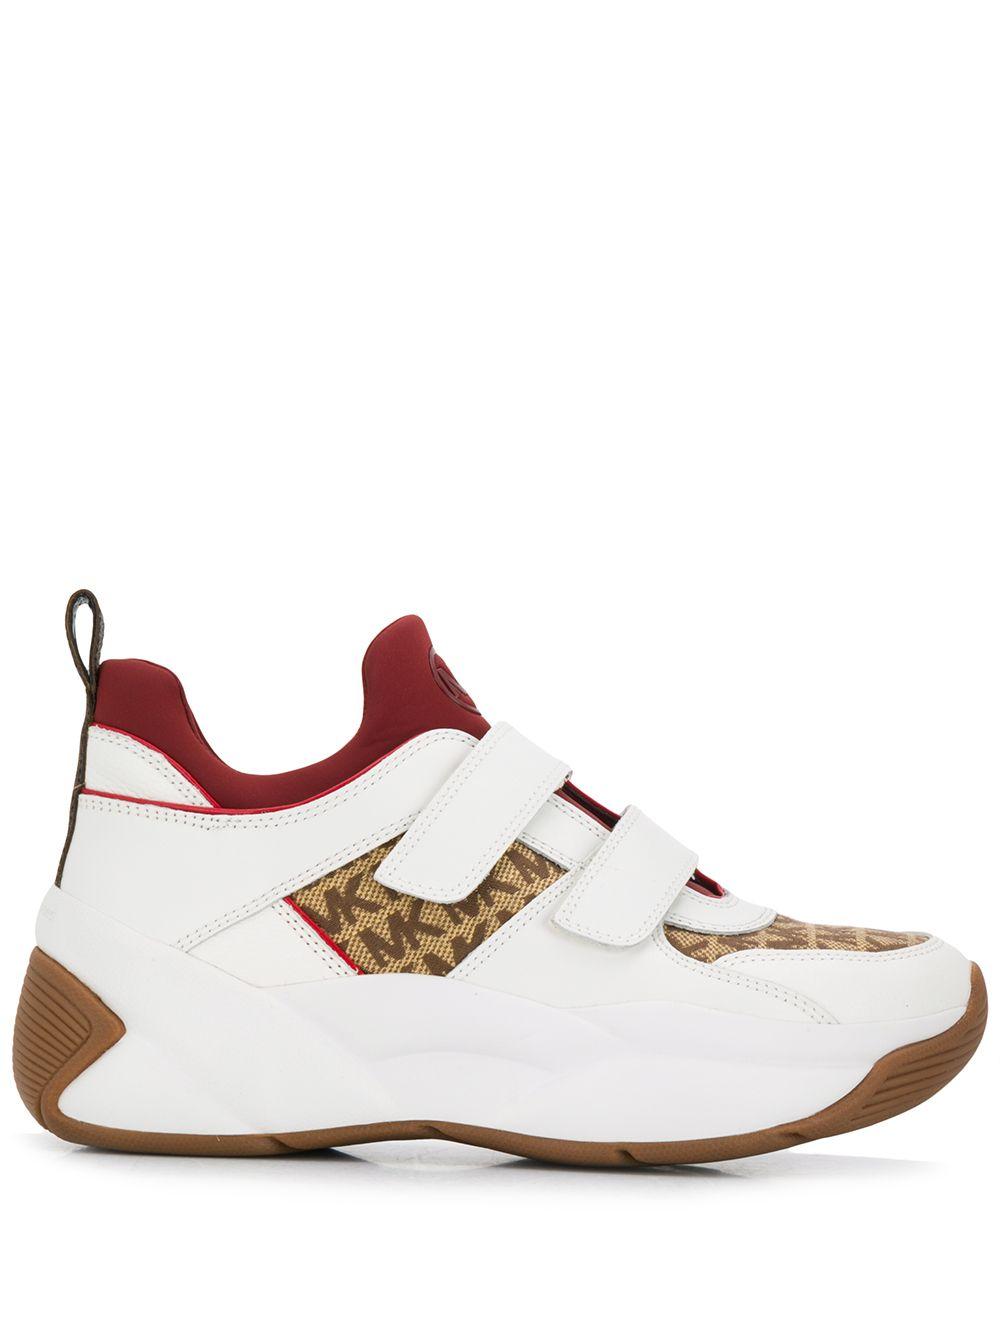 Michael Michael Kors | Michael Michael Kors кроссовки на платформе | Clouty